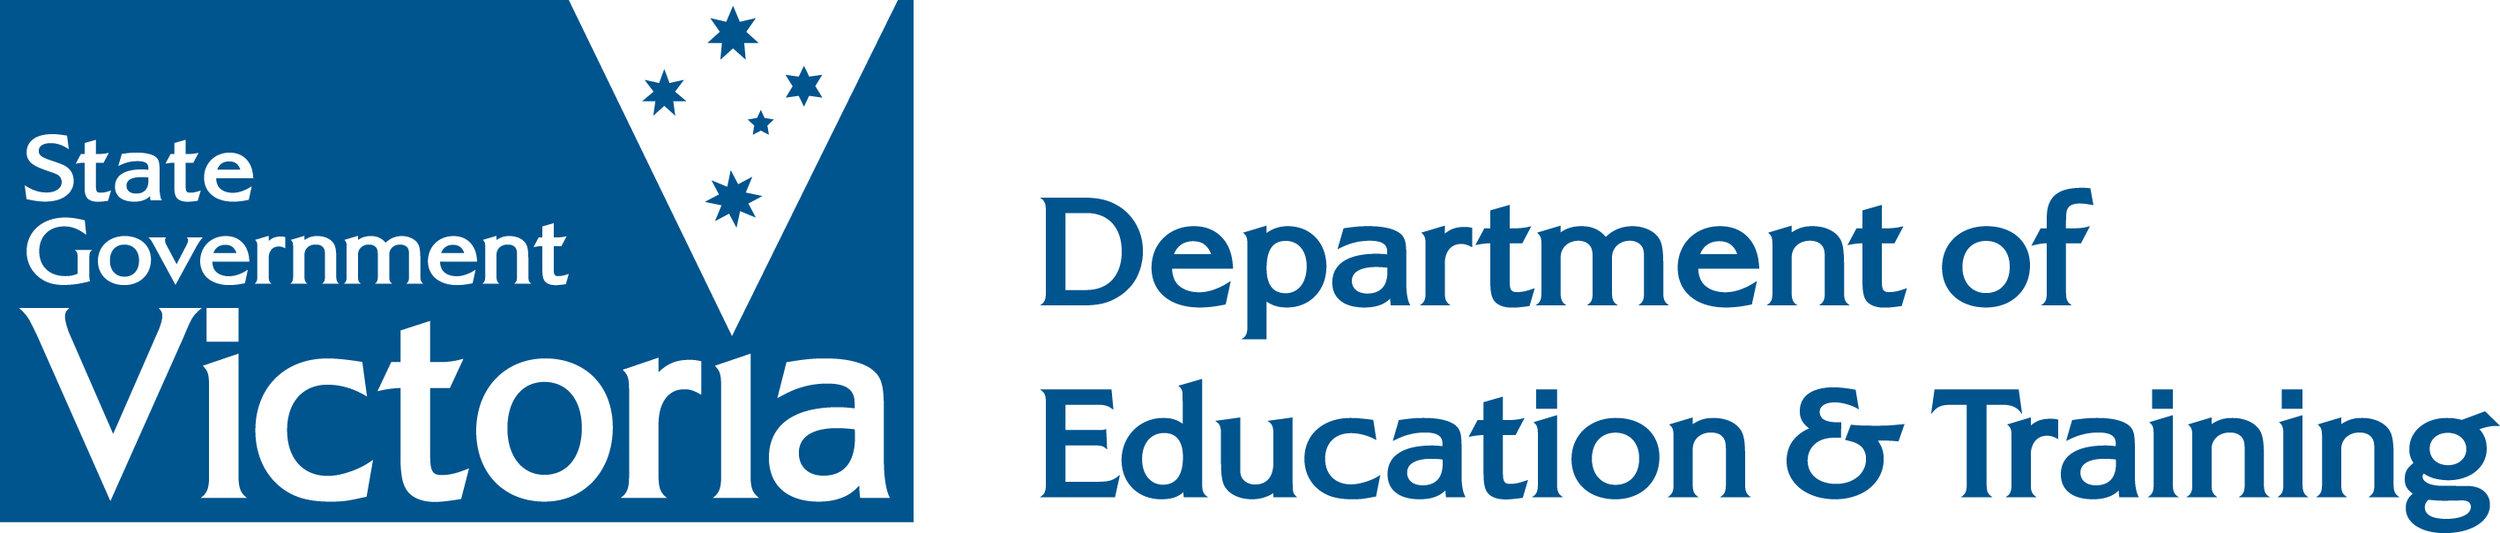 DET-logo-RGB-Left-Aligned.jpg